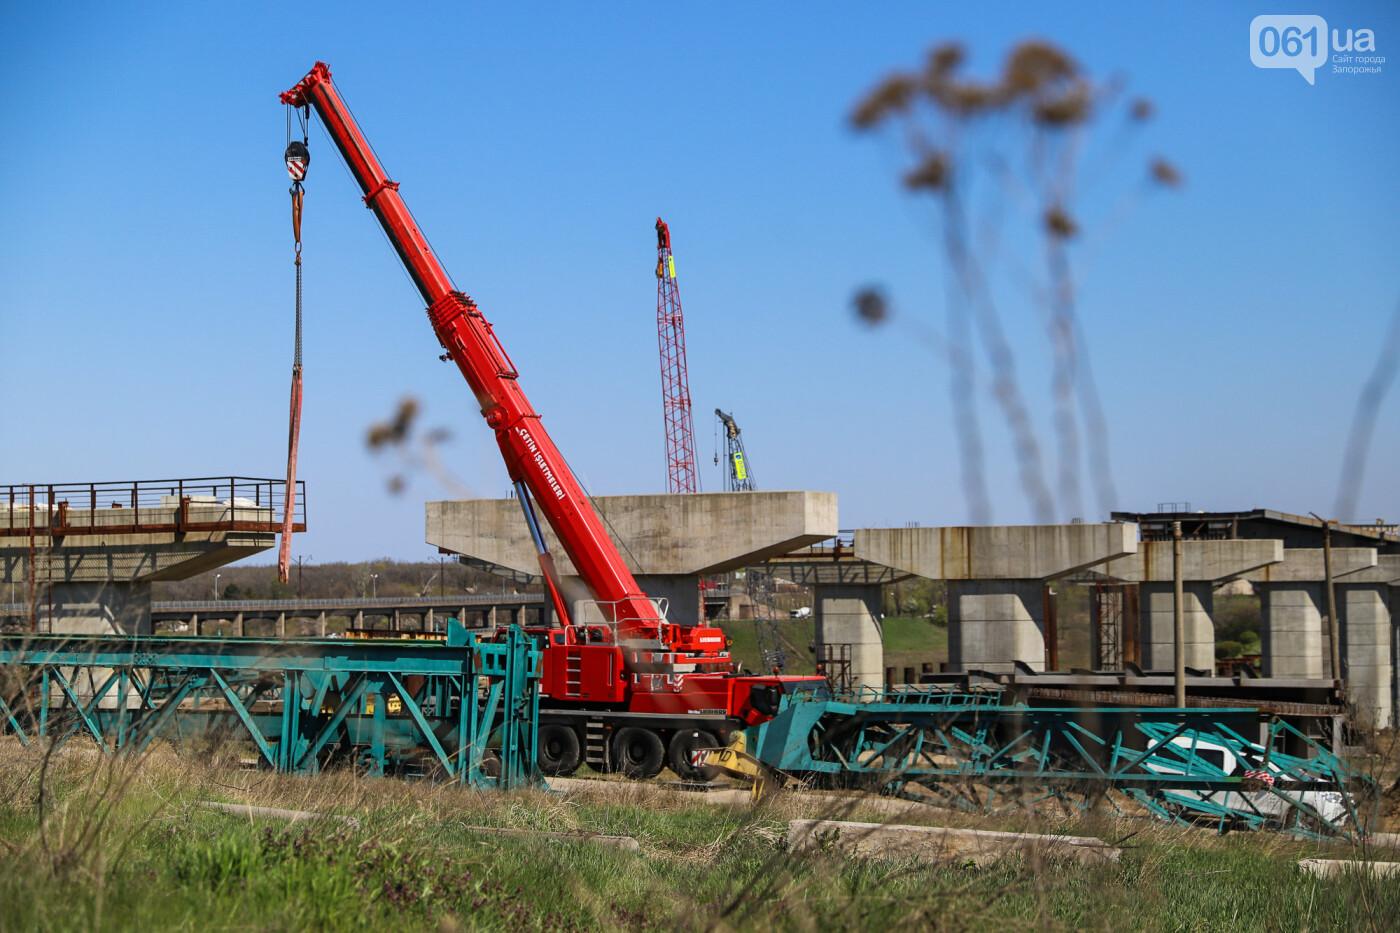 На запорожские мосты выделено 2,7 миллиарда: что сейчас проиходит стройплощадке, - ФОТОРЕПОРТАЖ, фото-22